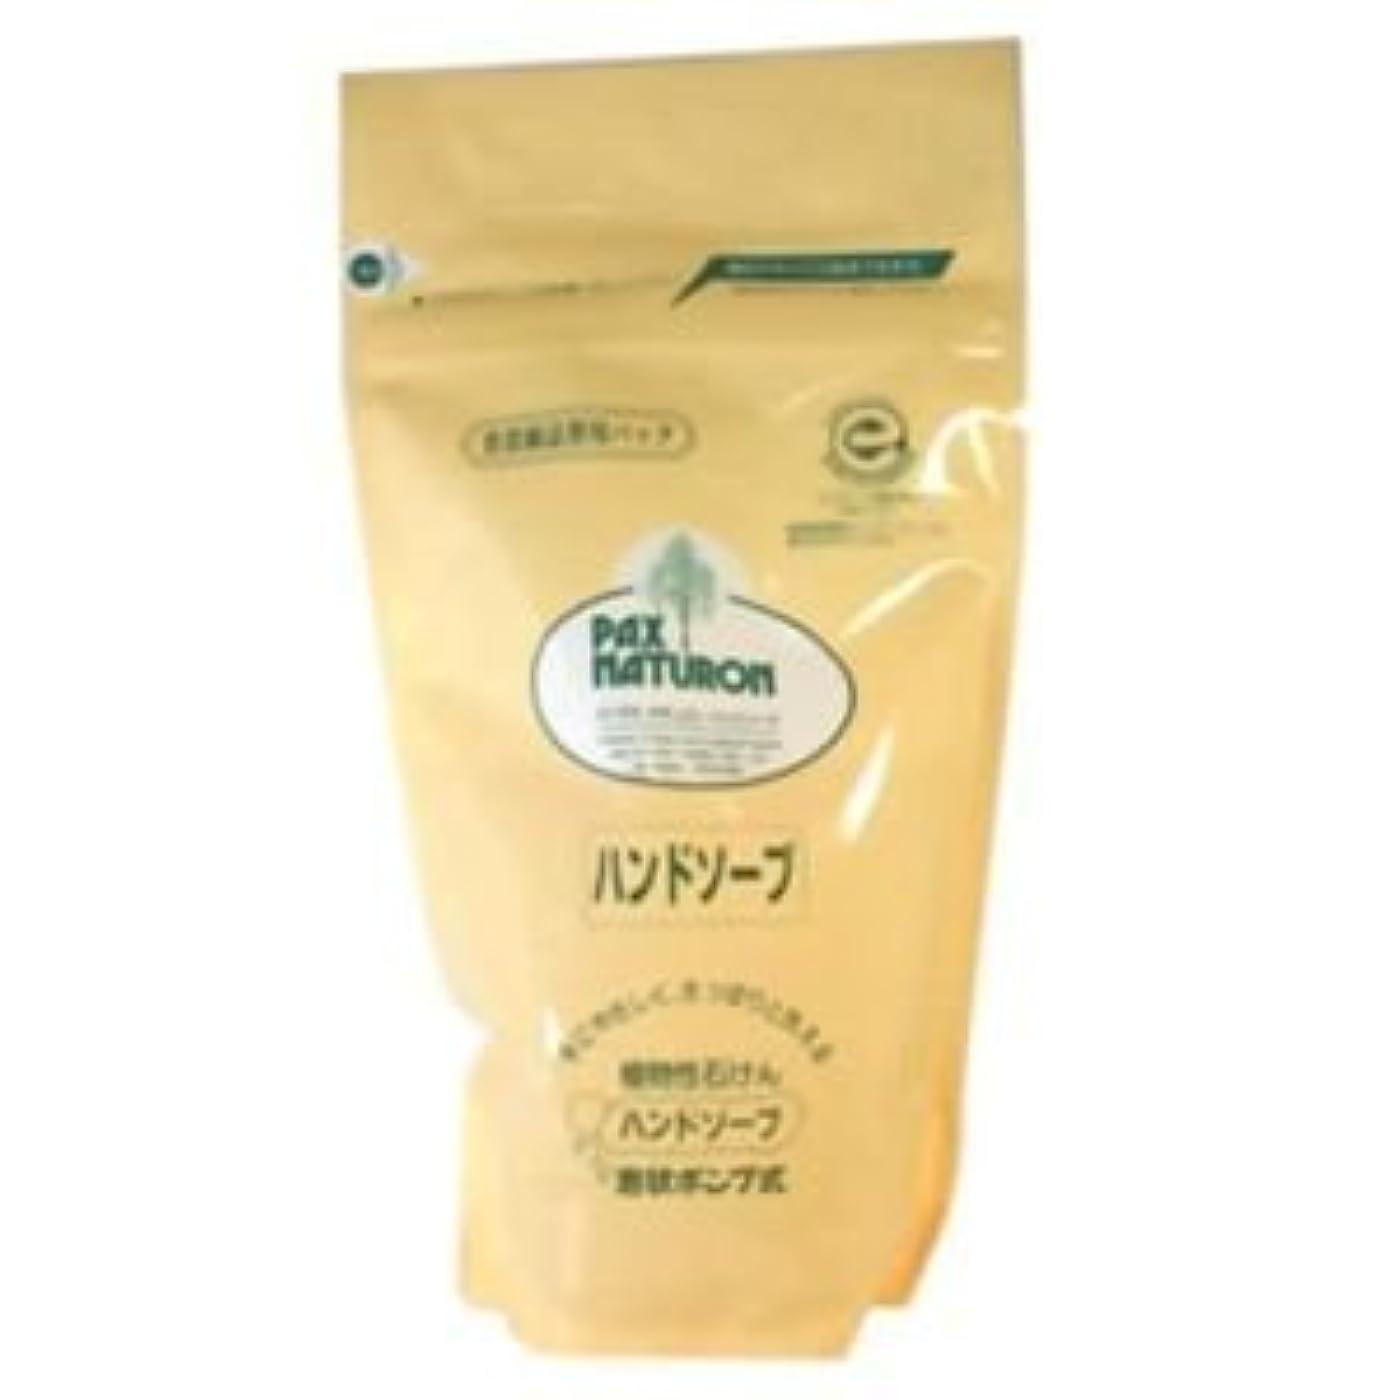 有料インタフェース繊毛太陽油脂 ナチュロンハンドソープ詰替 450ml N